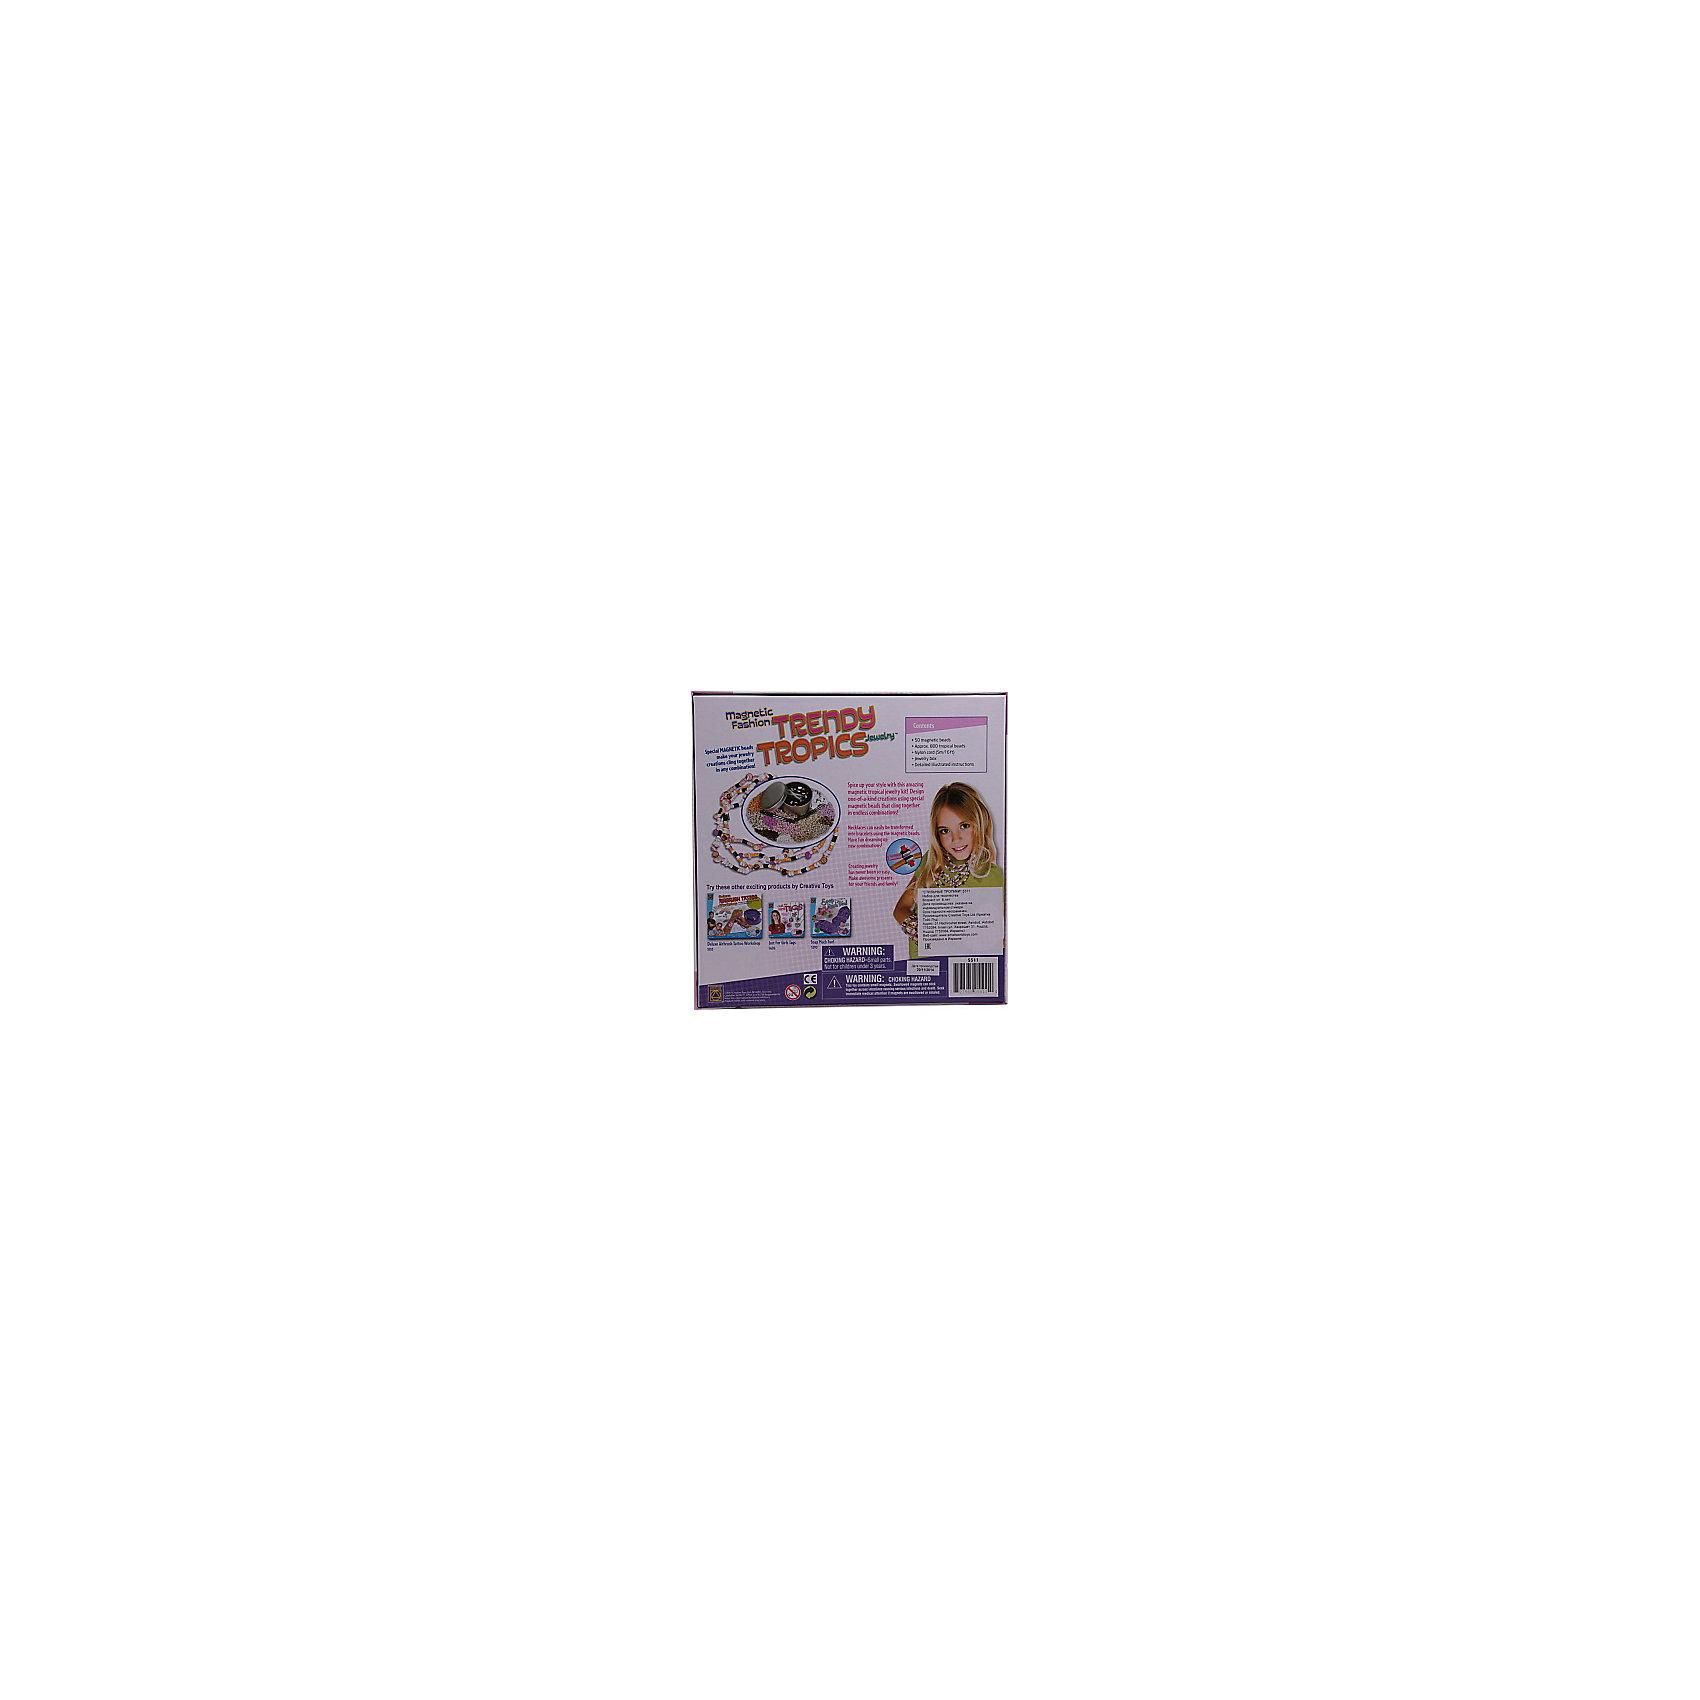 Набор Модные магниты Стильные тропикиРукоделие<br>Набор Модные магниты Стильные тропики.<br><br>Характеристика: <br><br>• Возраст: от 8 лет<br>• Материал: пластик, картон, текстиль, краски.<br>• Размер: 6,5х26,5х26,5 см.<br>• Комплектация: 50 магнитных бусин;<br>800 натуральных бусин (ракушек и кораллов);<br>нейлоновая леска (5 метров);<br>шкатулка для хранения украшений; инструкция на русском языке.<br>• Развивает внимание, мелкую моторику, воображение, фантазию. <br>• Нетоксичные, безопасные для детей материалы.<br><br>Девочки обожают яркие блестящие украшения и безделушки! С помощью этого набора ваша маленькая рукодельница сможет сама сделать множество уникальных стильных украшений. В набор входят настоящие ракушки и кораллы. Магнитные бусины позволят быстро скреплять части украшений между собой, придумывая все новые и новые оригинальные дизайны. <br>Игра с набором не только увлекательное, но и полезное занятие: в процессе работы девочка сможет развить моторику рук, мышление, внимание и фантазию. Прекрасный вариант для подарка юной моднице! <br><br>Набор Модные магниты Стильные тропики можно купить в нашем интернет-магазине.<br><br>Ширина мм: 250<br>Глубина мм: 25<br>Высота мм: 60<br>Вес г: 575<br>Возраст от месяцев: 96<br>Возраст до месяцев: 2147483647<br>Пол: Женский<br>Возраст: Детский<br>SKU: 5487906